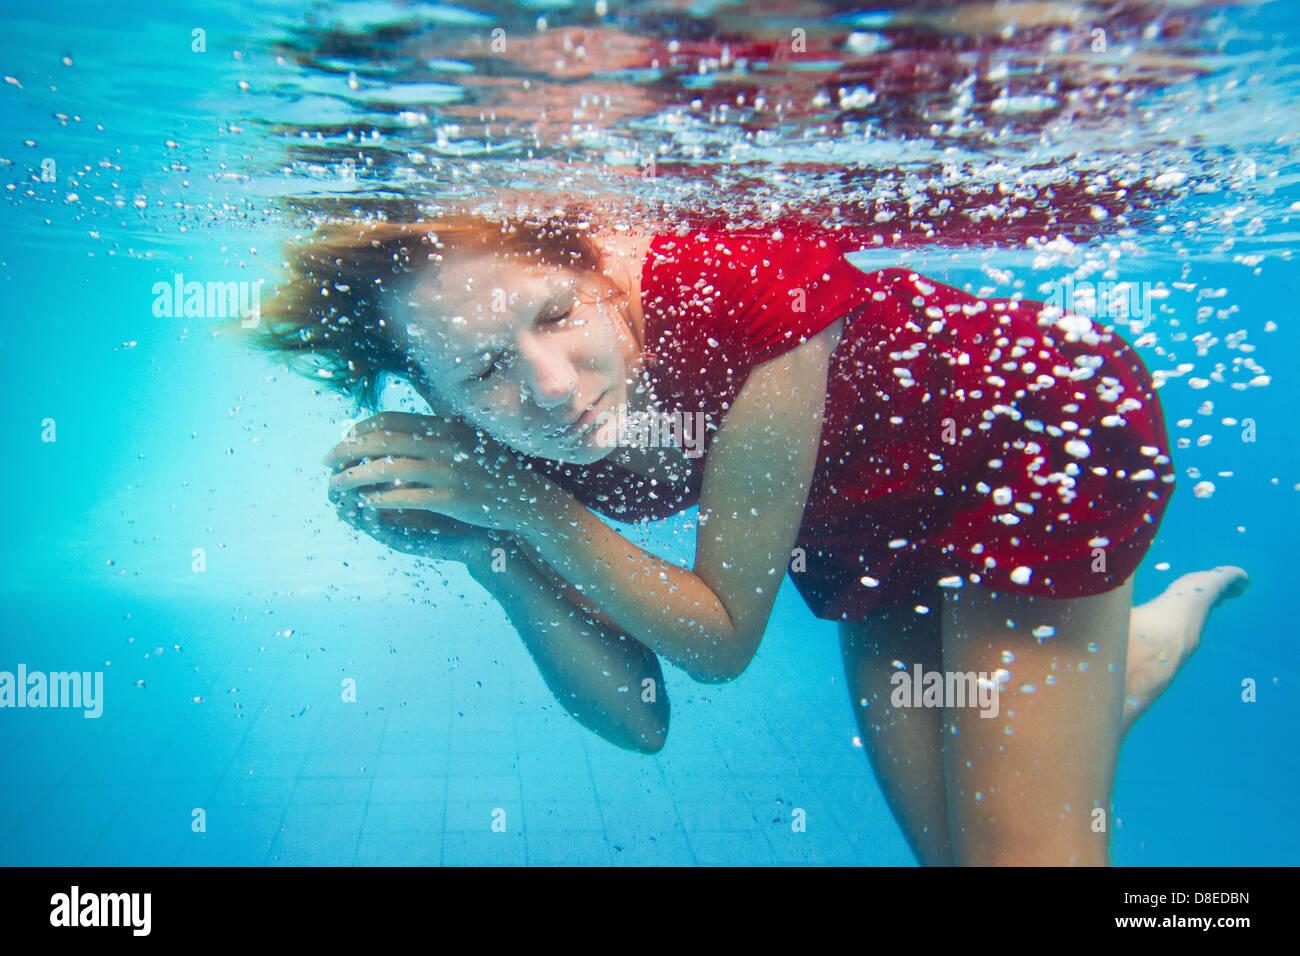 Fantasia, subacquea ritratto di donna in abito rosso Immagini Stock